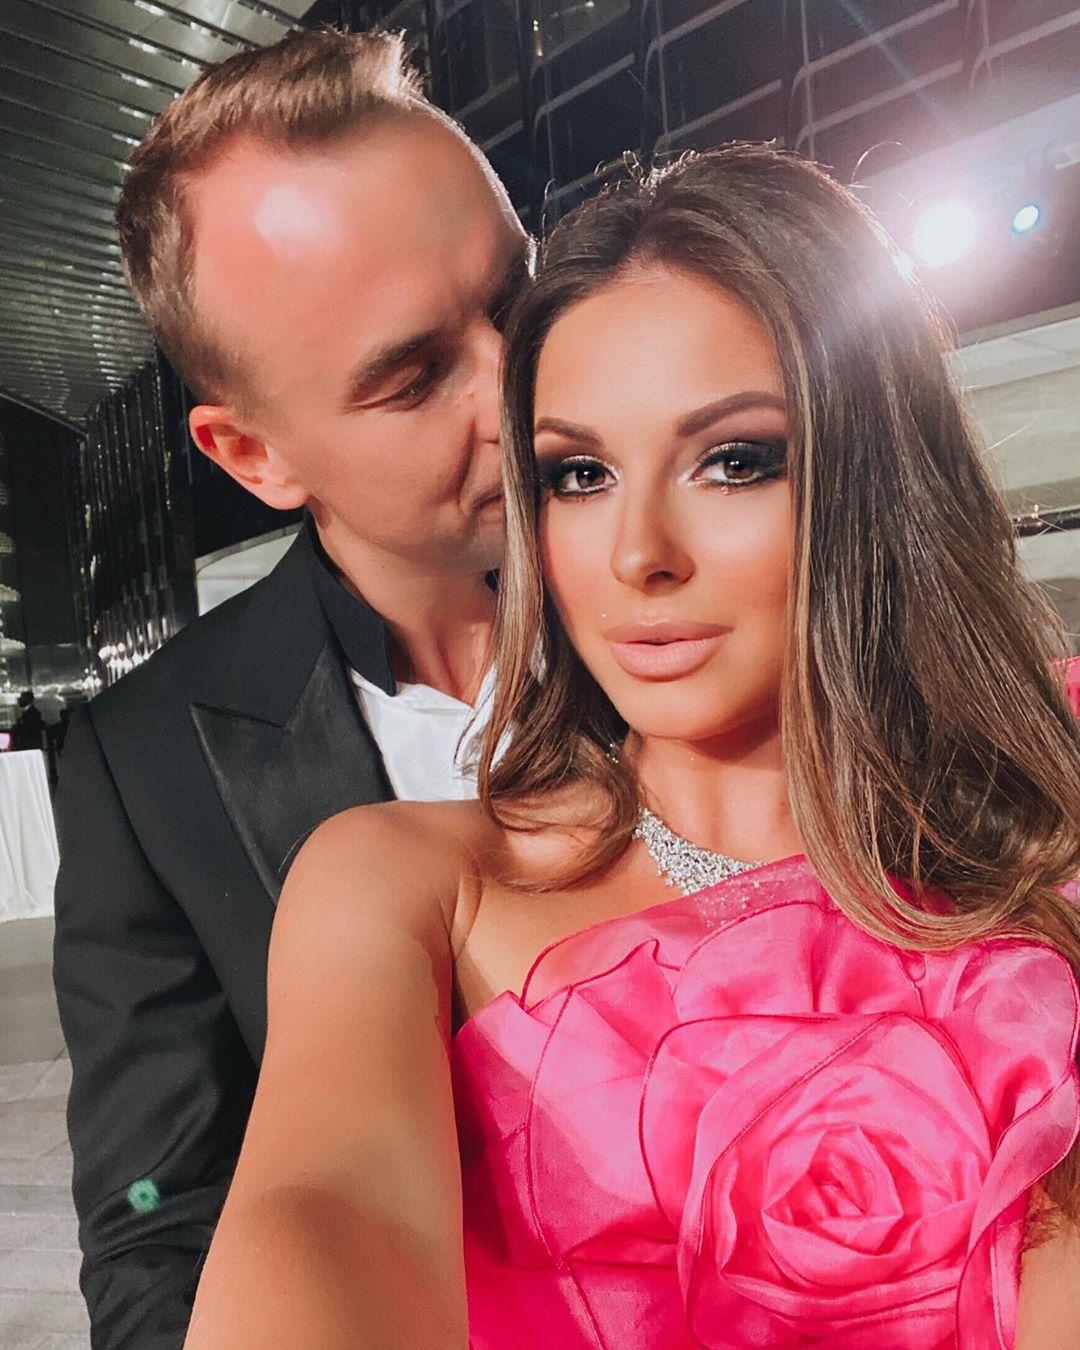 Игорь сивов и нюша фото вместе целуются важно отметить